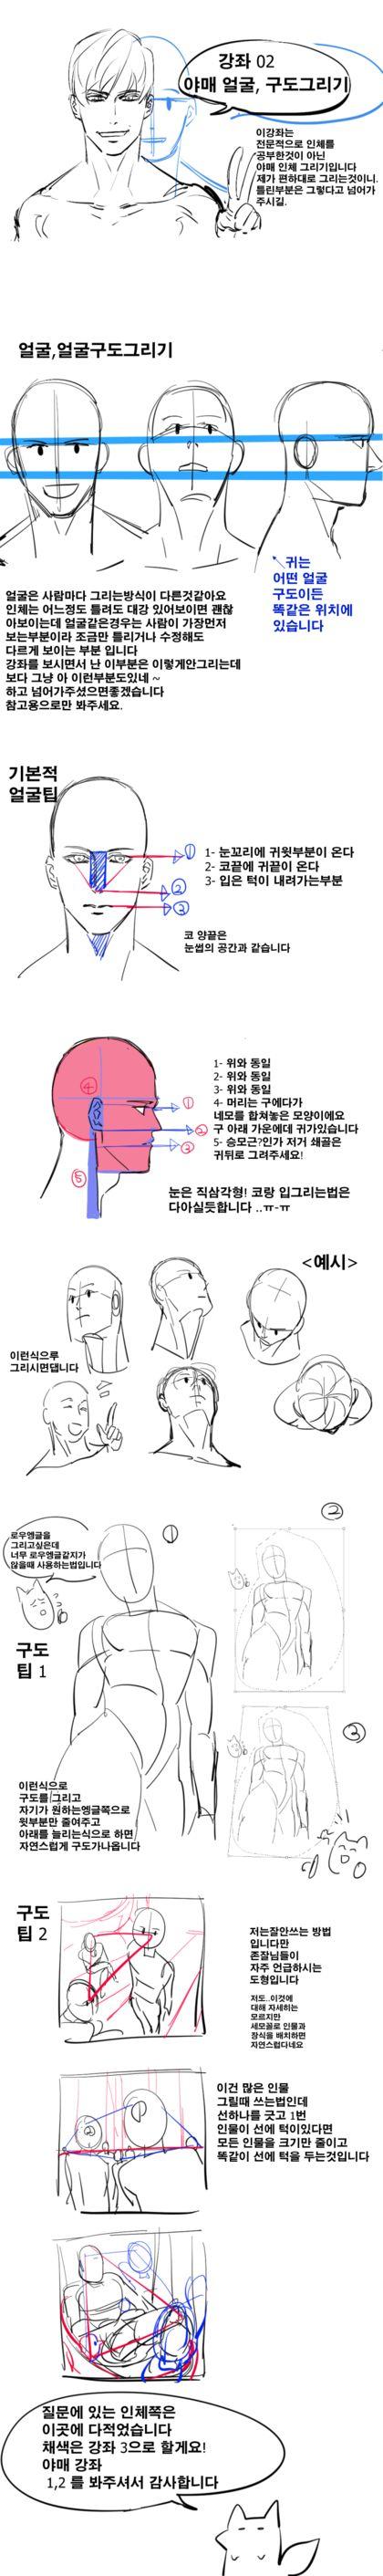 저번에 한다고했던 그림강좌 해왔습니다01,02는 인체, 얼굴 쪽 질문을 모아서 그렸습니다강좌가 좀 기니 스...